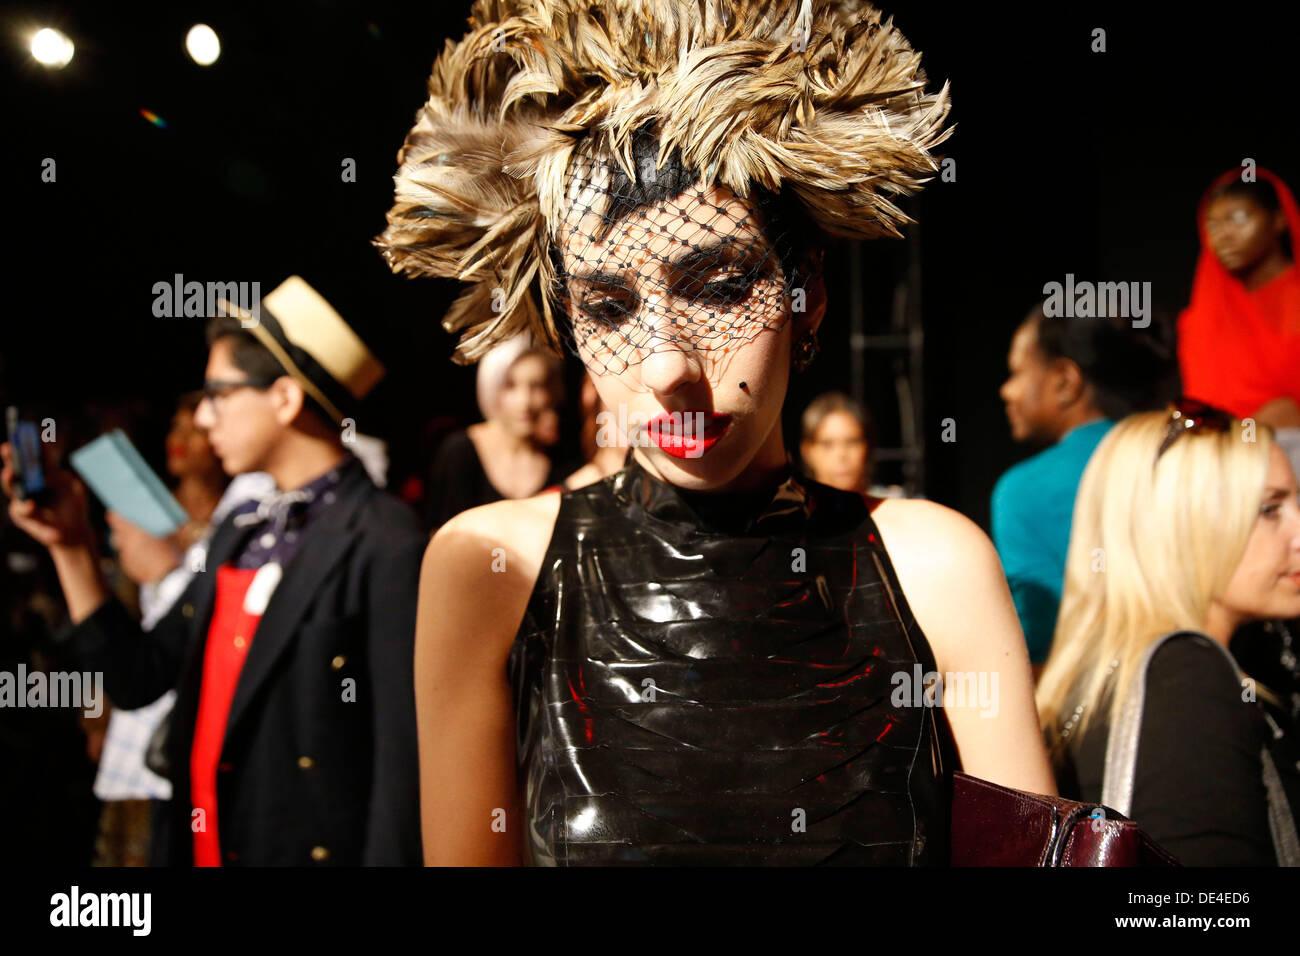 New York, NY, USA. 10e Août, 2013. Victime de la mode à l'intérieur à MBFW à New York City. Crédit: Scott Houston/Alamy Live News Photo Stock